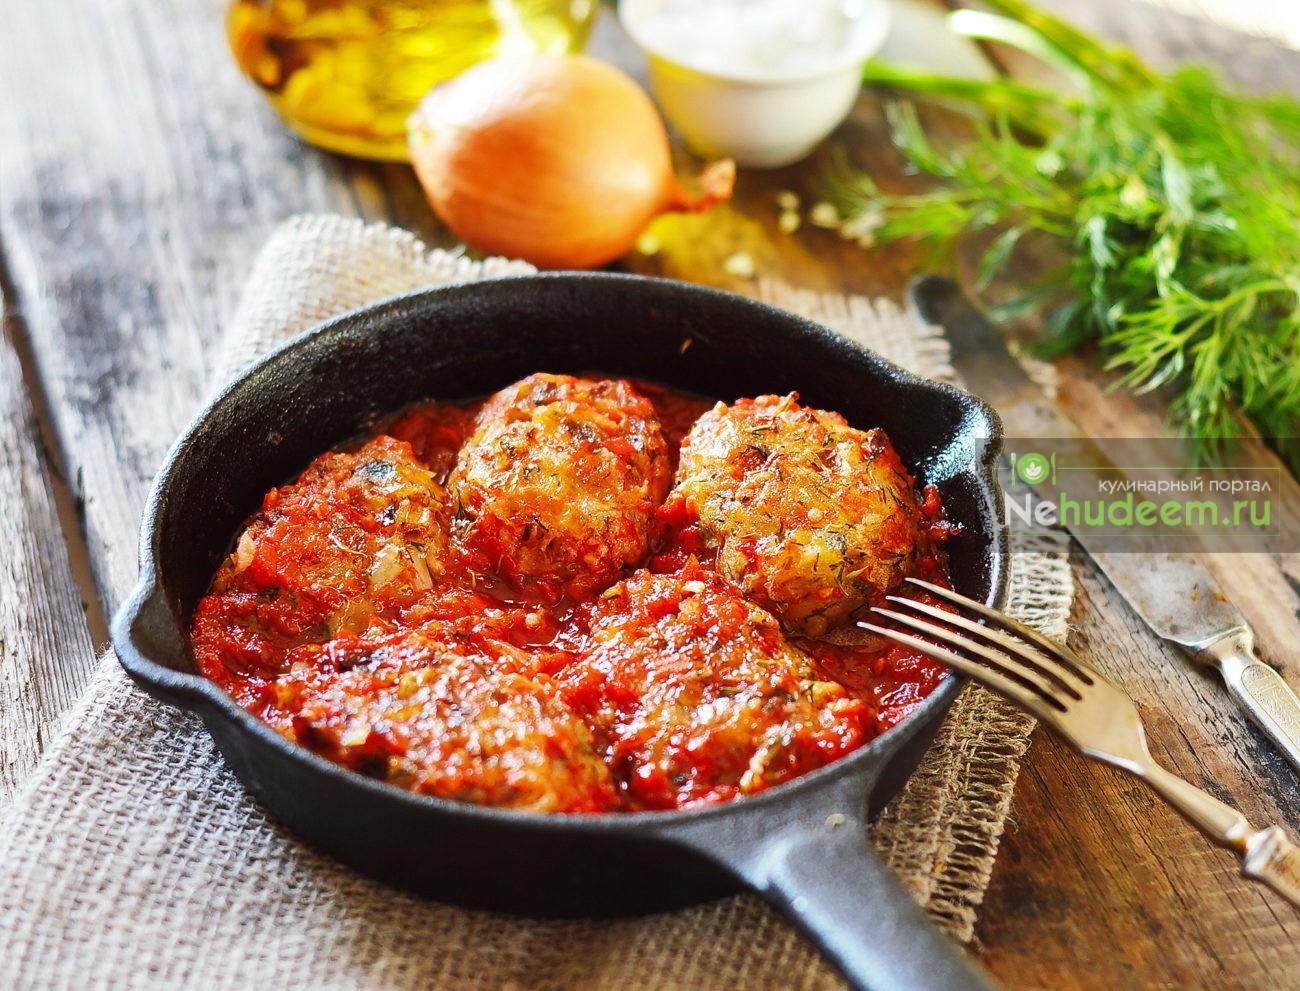 Рецепт рыбных фрикаделек в томатном соусе